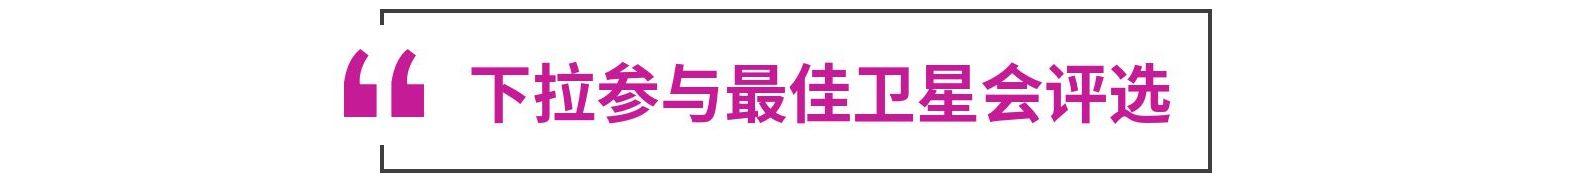 xiumi_1536924826130_93146906.jpg